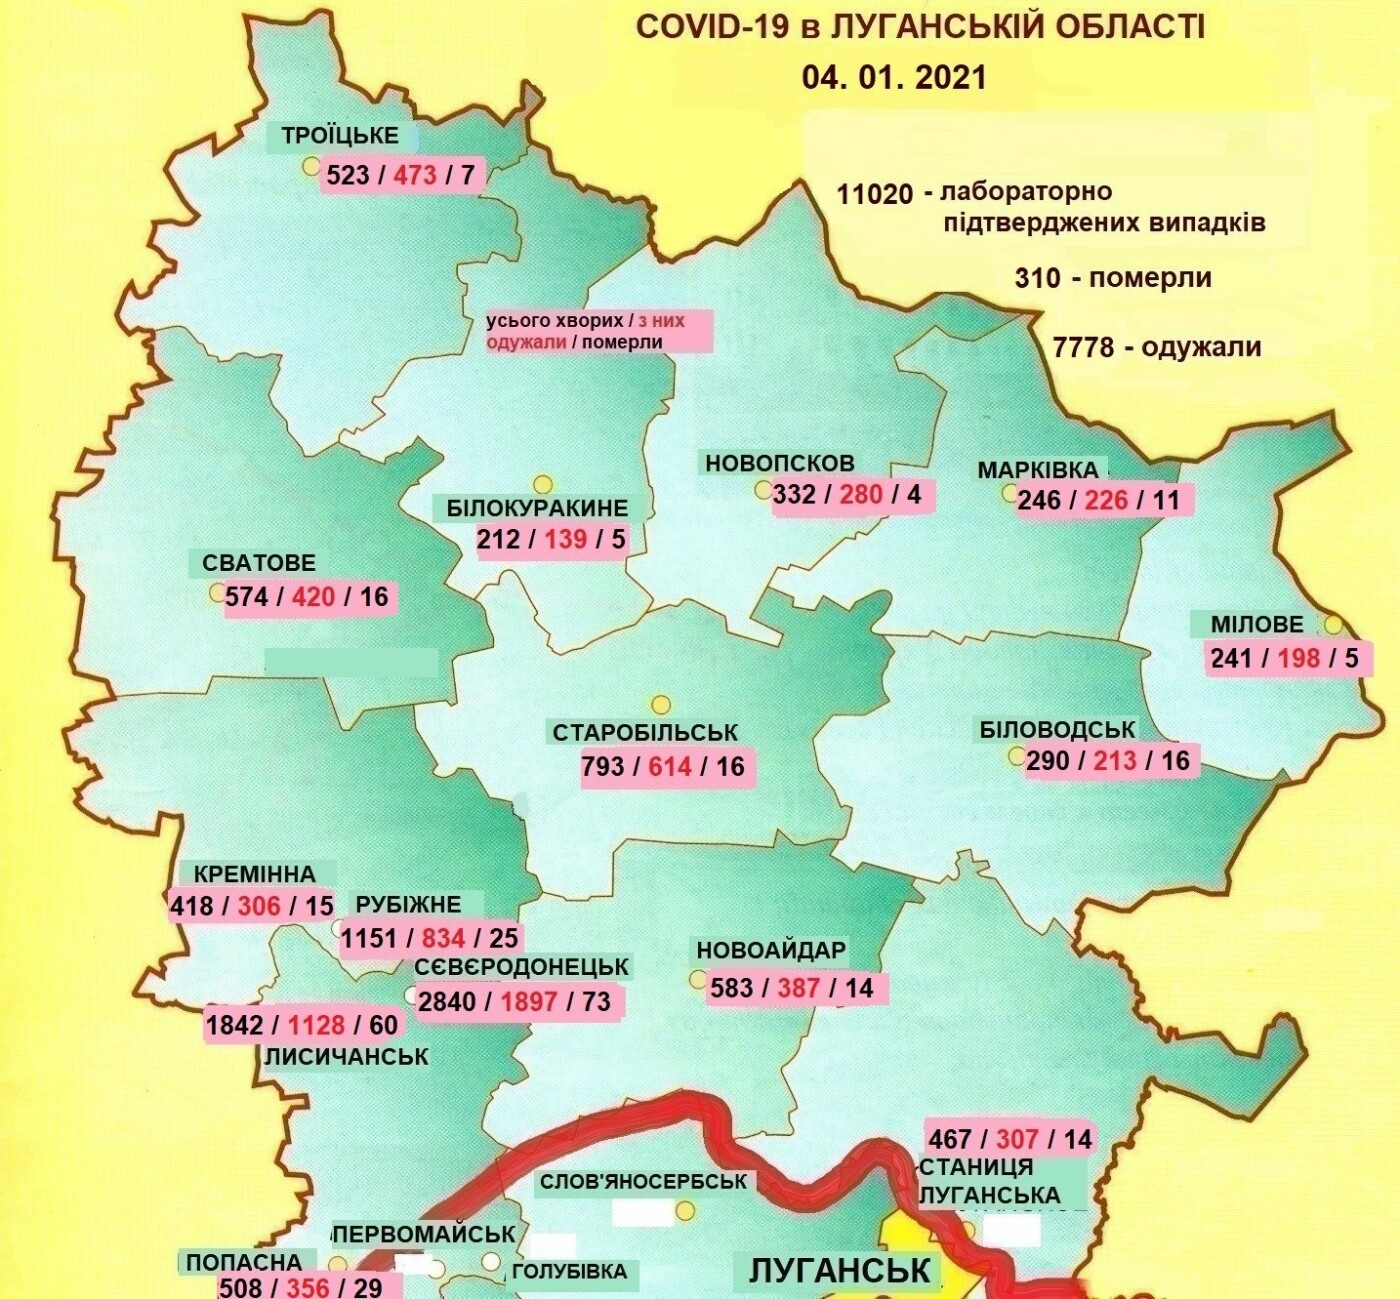 В Луганской области 12 новых случаев коронавируса, фото-1